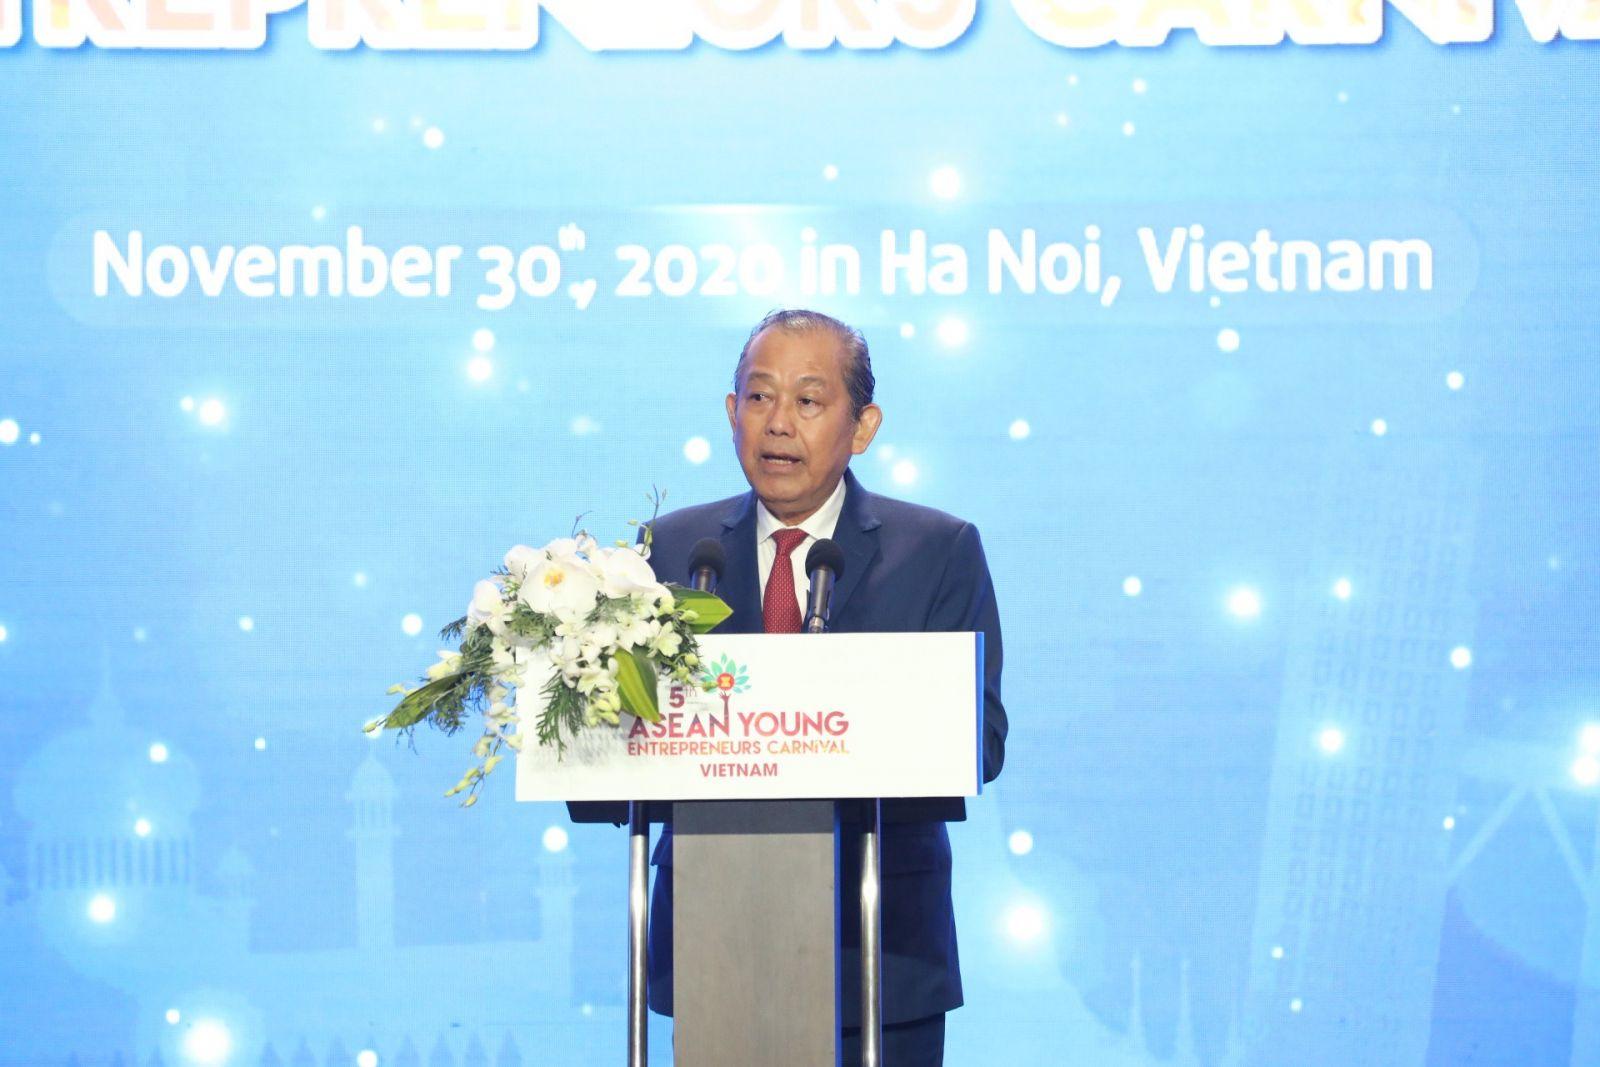 Phó Thủ tướng Thường trực Chính phủ Trương Hòa Bình phát biểu tại Diễn đàn - Ảnh: VGP/Lê Sơn